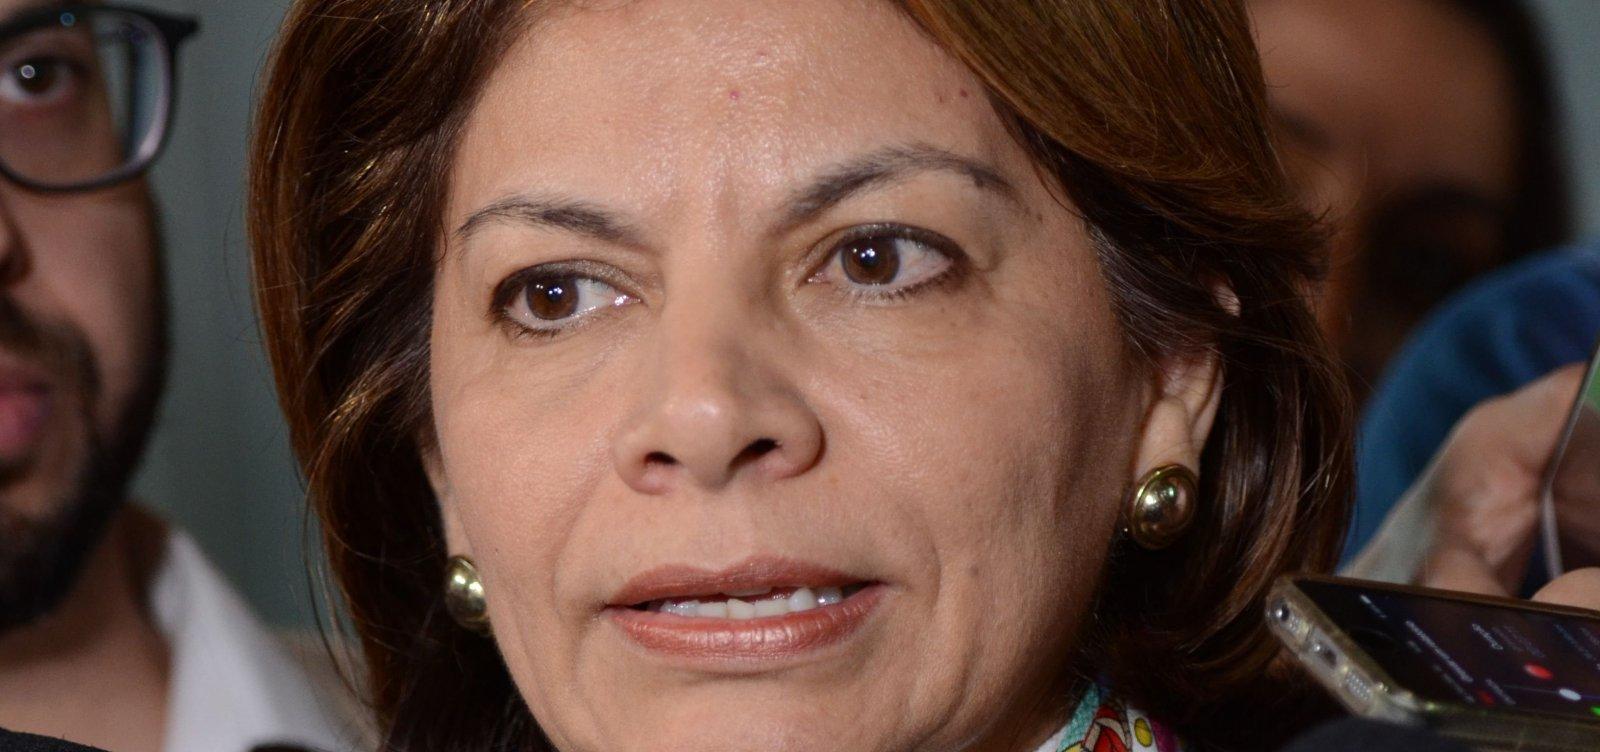 [OEA se diz 'impressionada positivamente' com eleição brasileira]